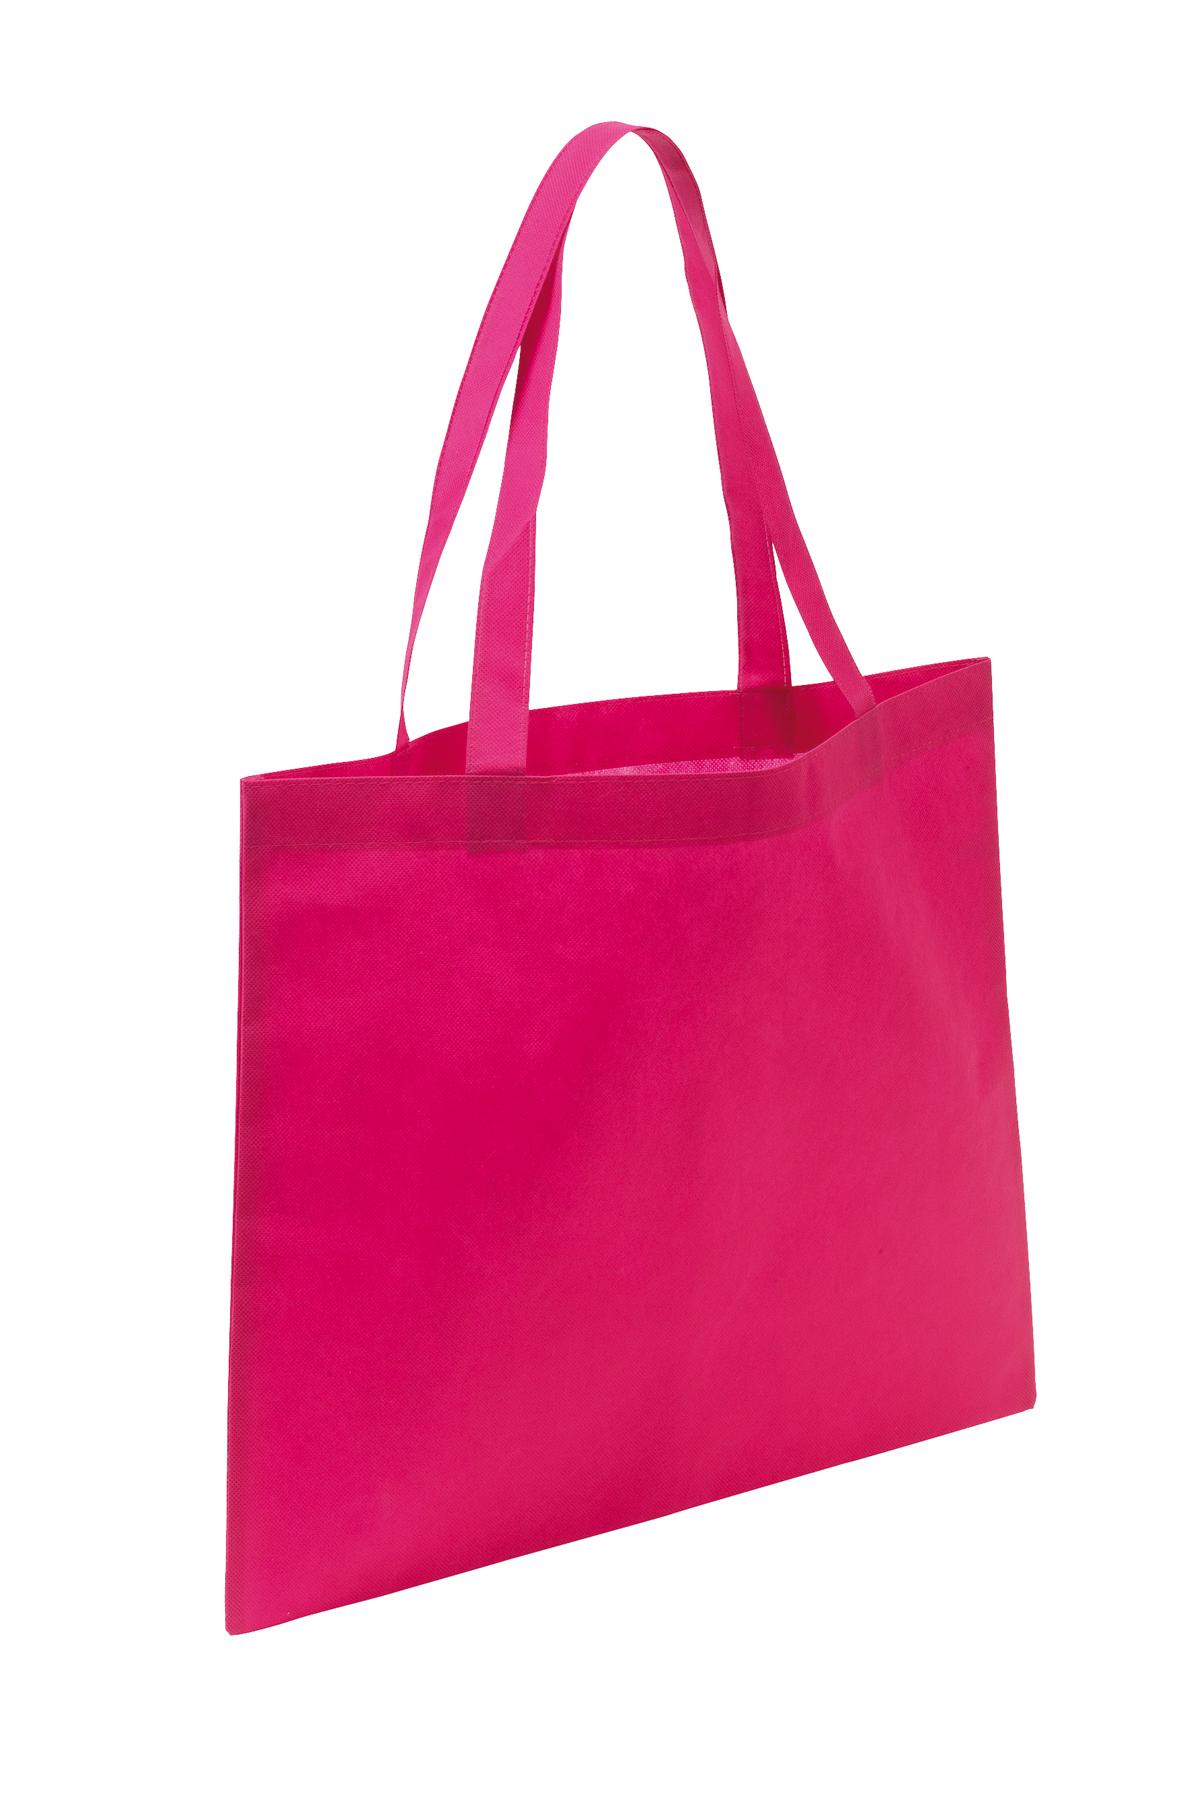 Torba na zakupy MARKET, różowy